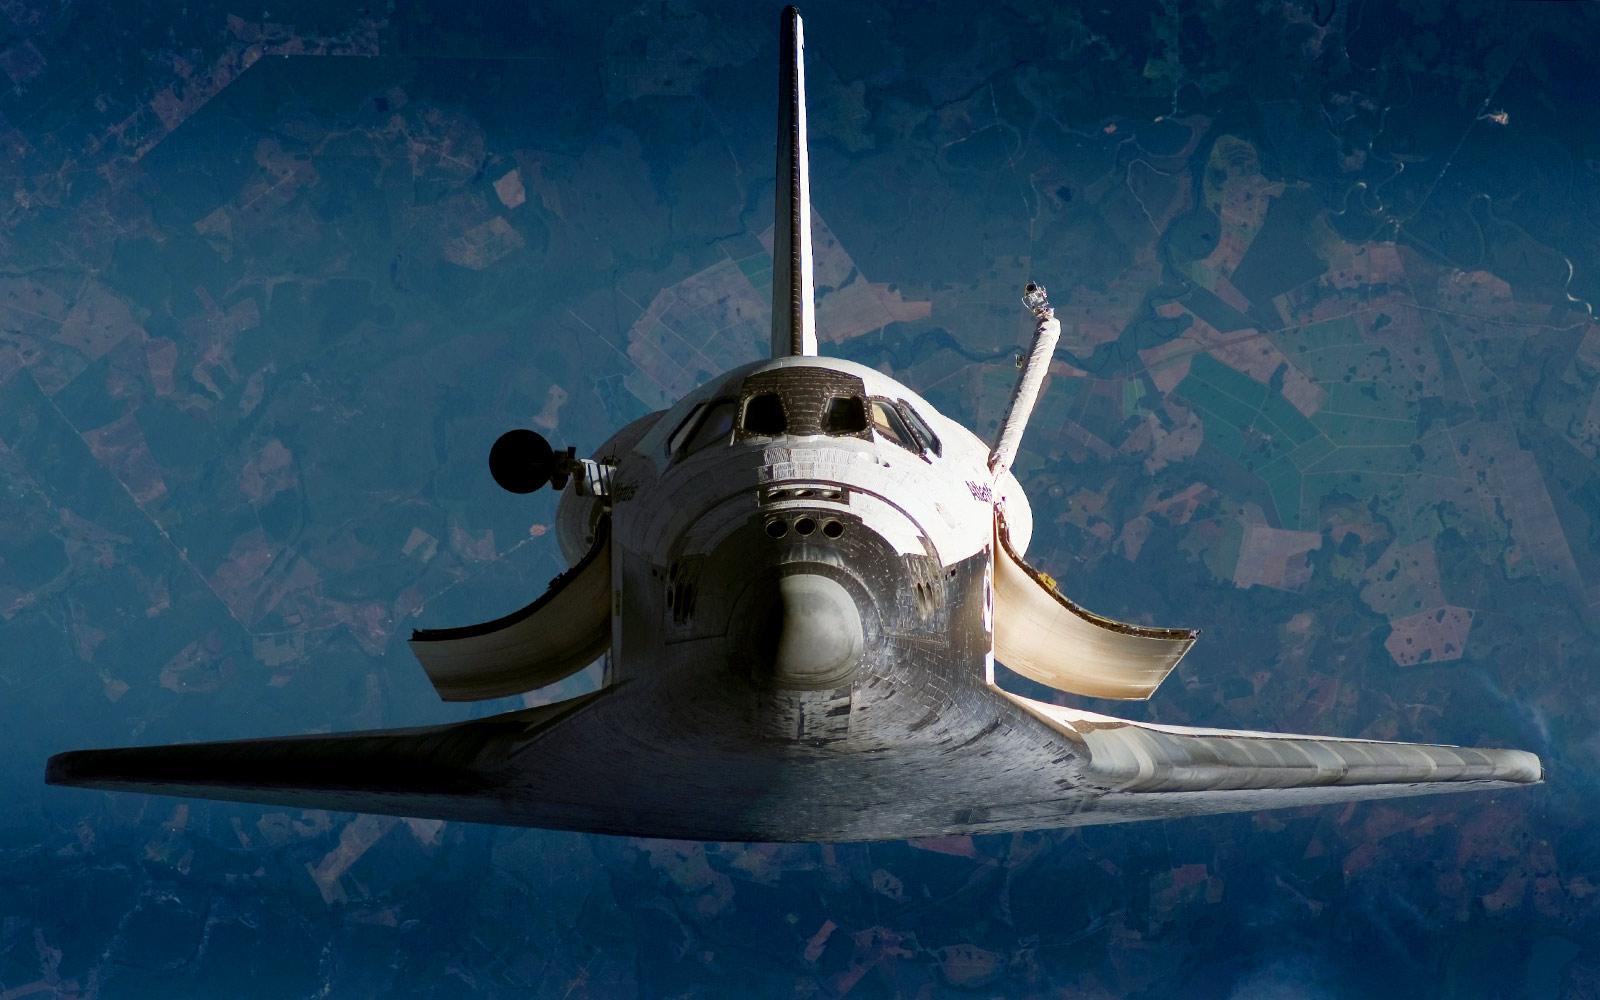 Space-Shuttle-Atlantis-2.jpg